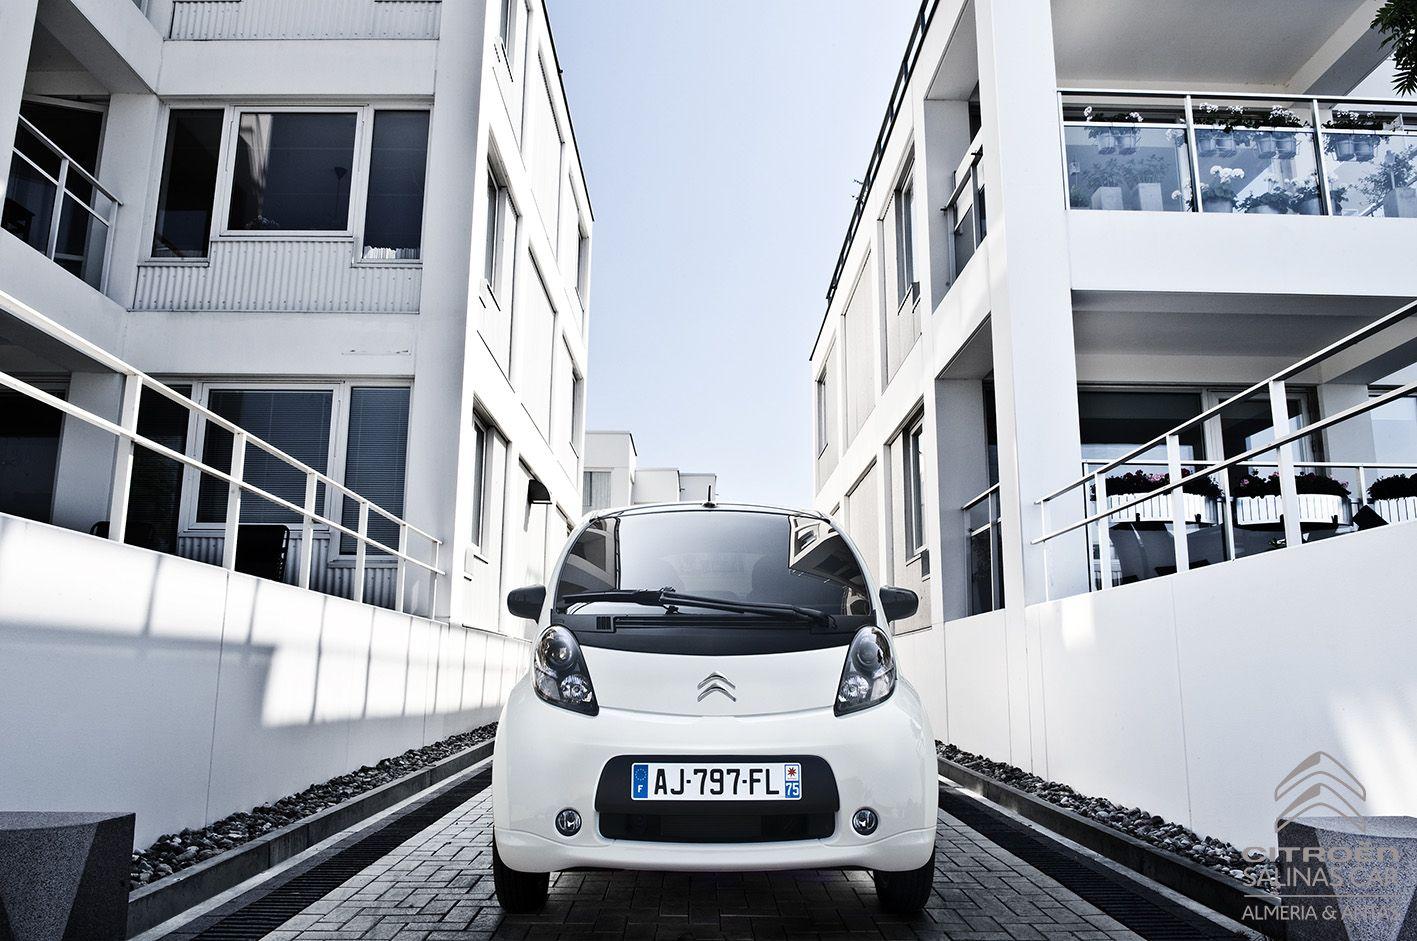 El Plan Movalt de Citroën Salinas Car